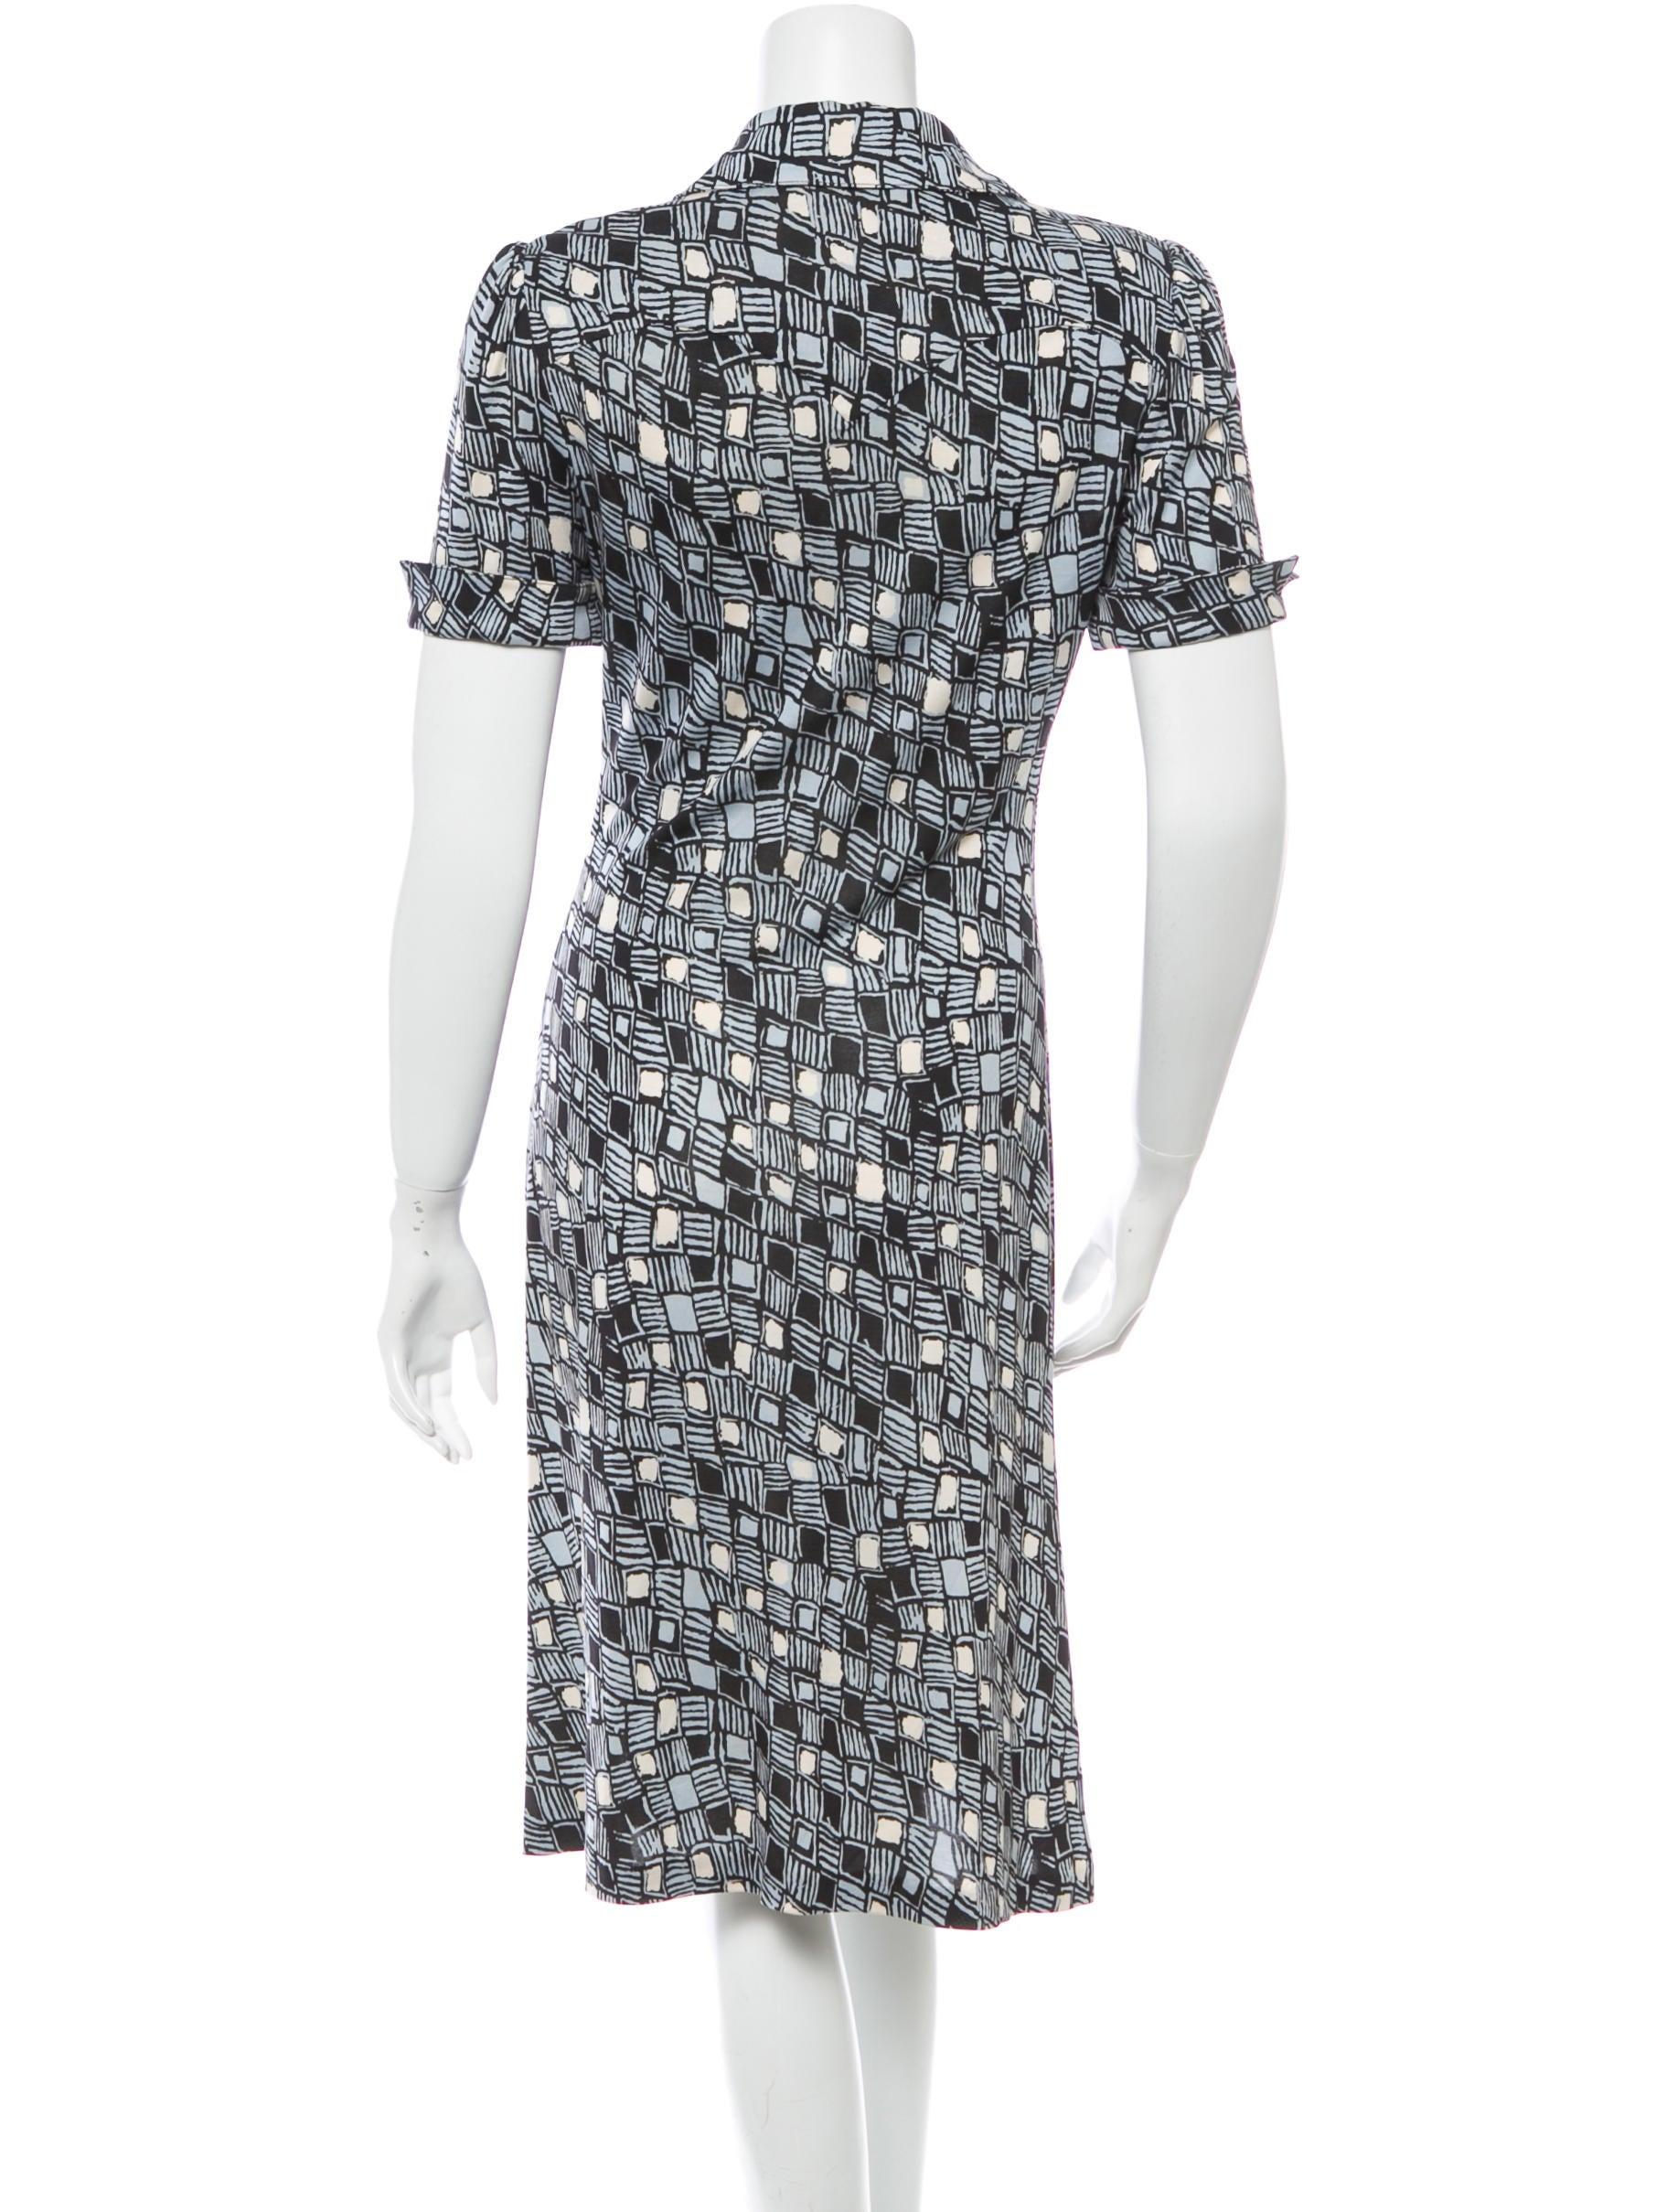 Diane von furstenberg silk printed shirt dress clothing for Diane von furstenberg shirt